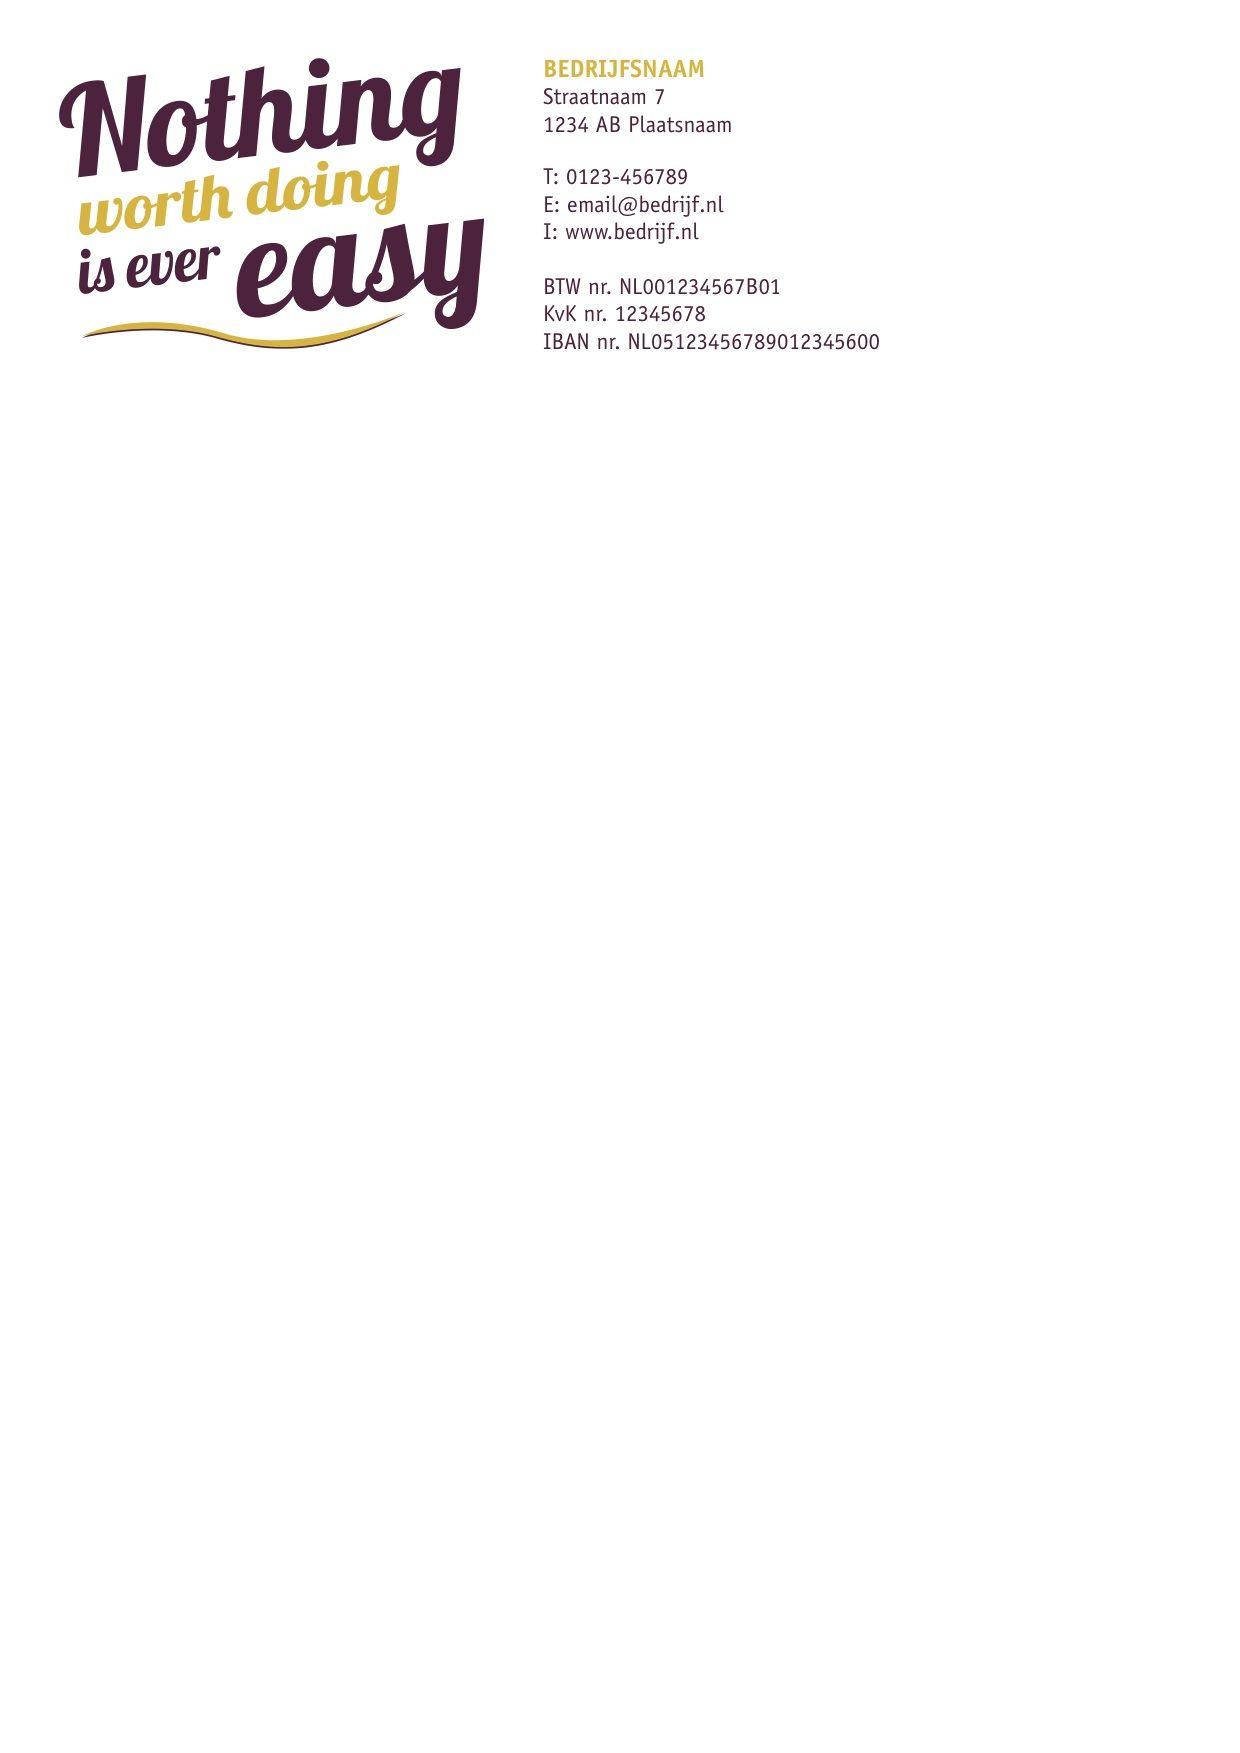 #Ontwerp nu online je #briefpapier met onze #ontwerptool ga nu snel naar: http://dwd.li/p-brief